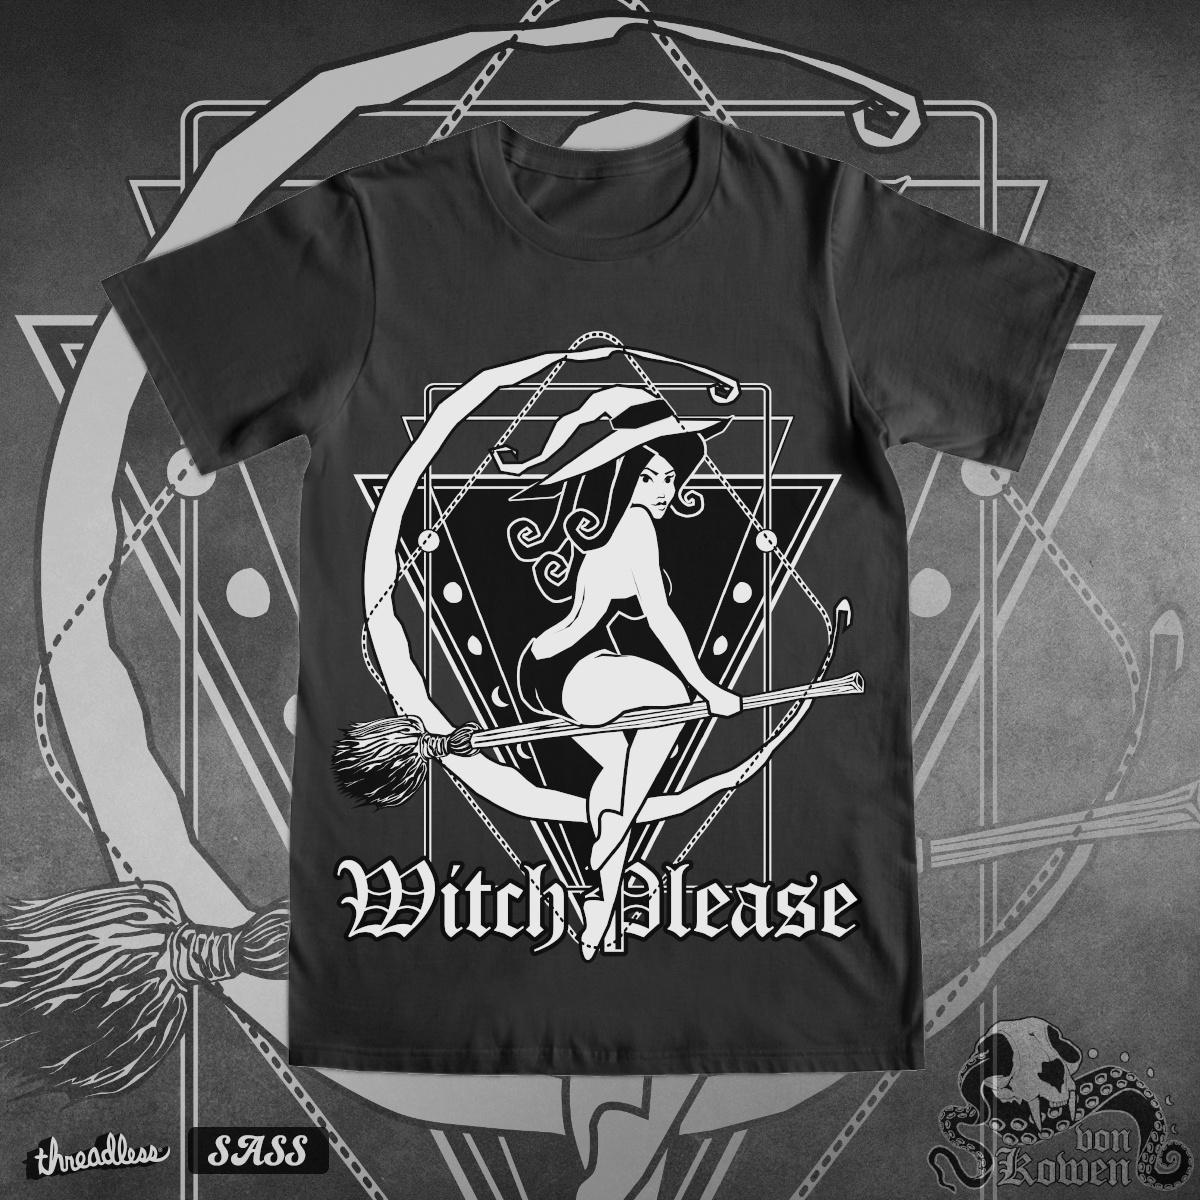 Witch Please by vonKowen on Threadless